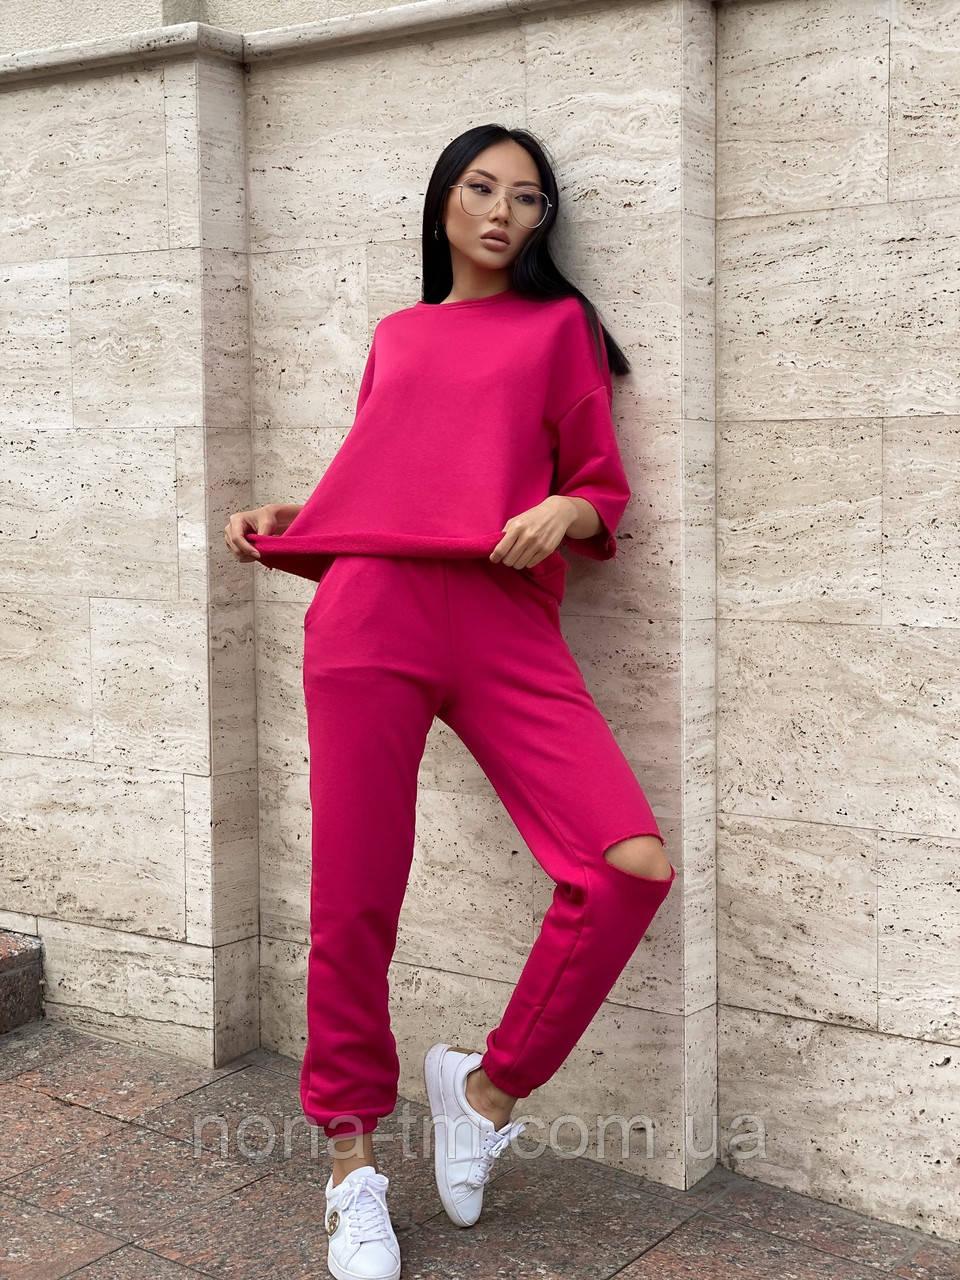 Женский прогулочный костюм с футболкой и штанами